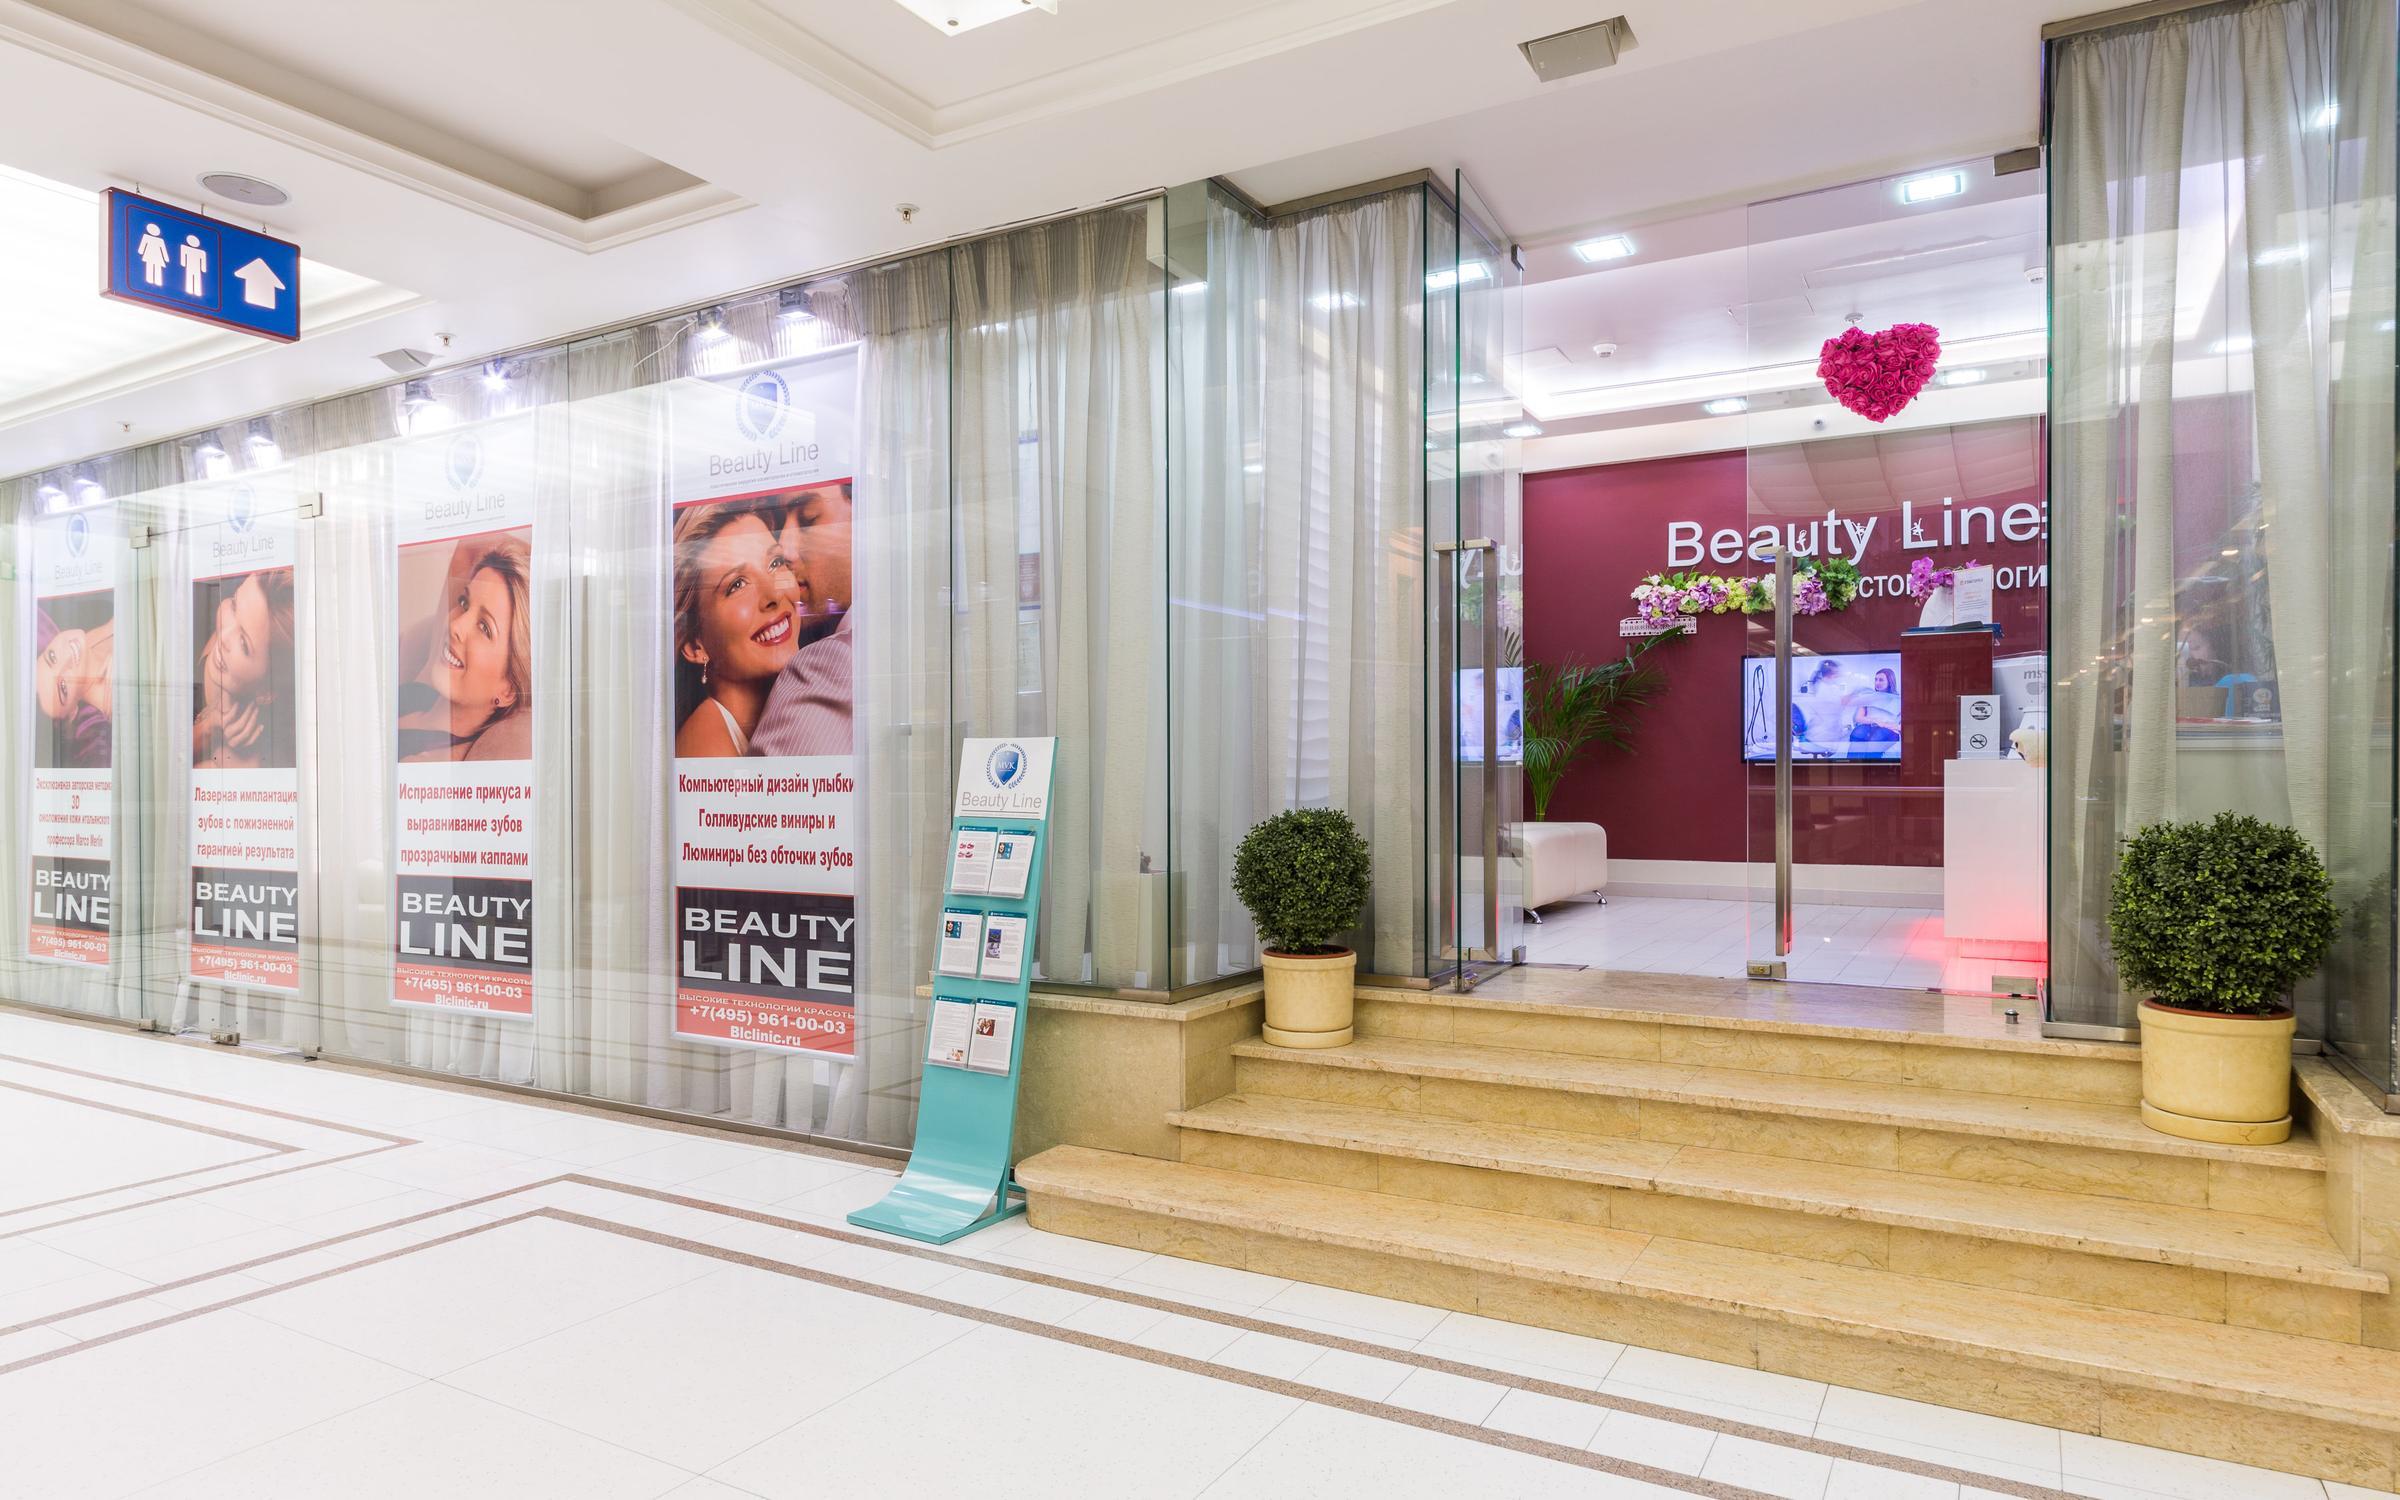 фотография Стоматологии Beauty Line на Никольской улице, 10